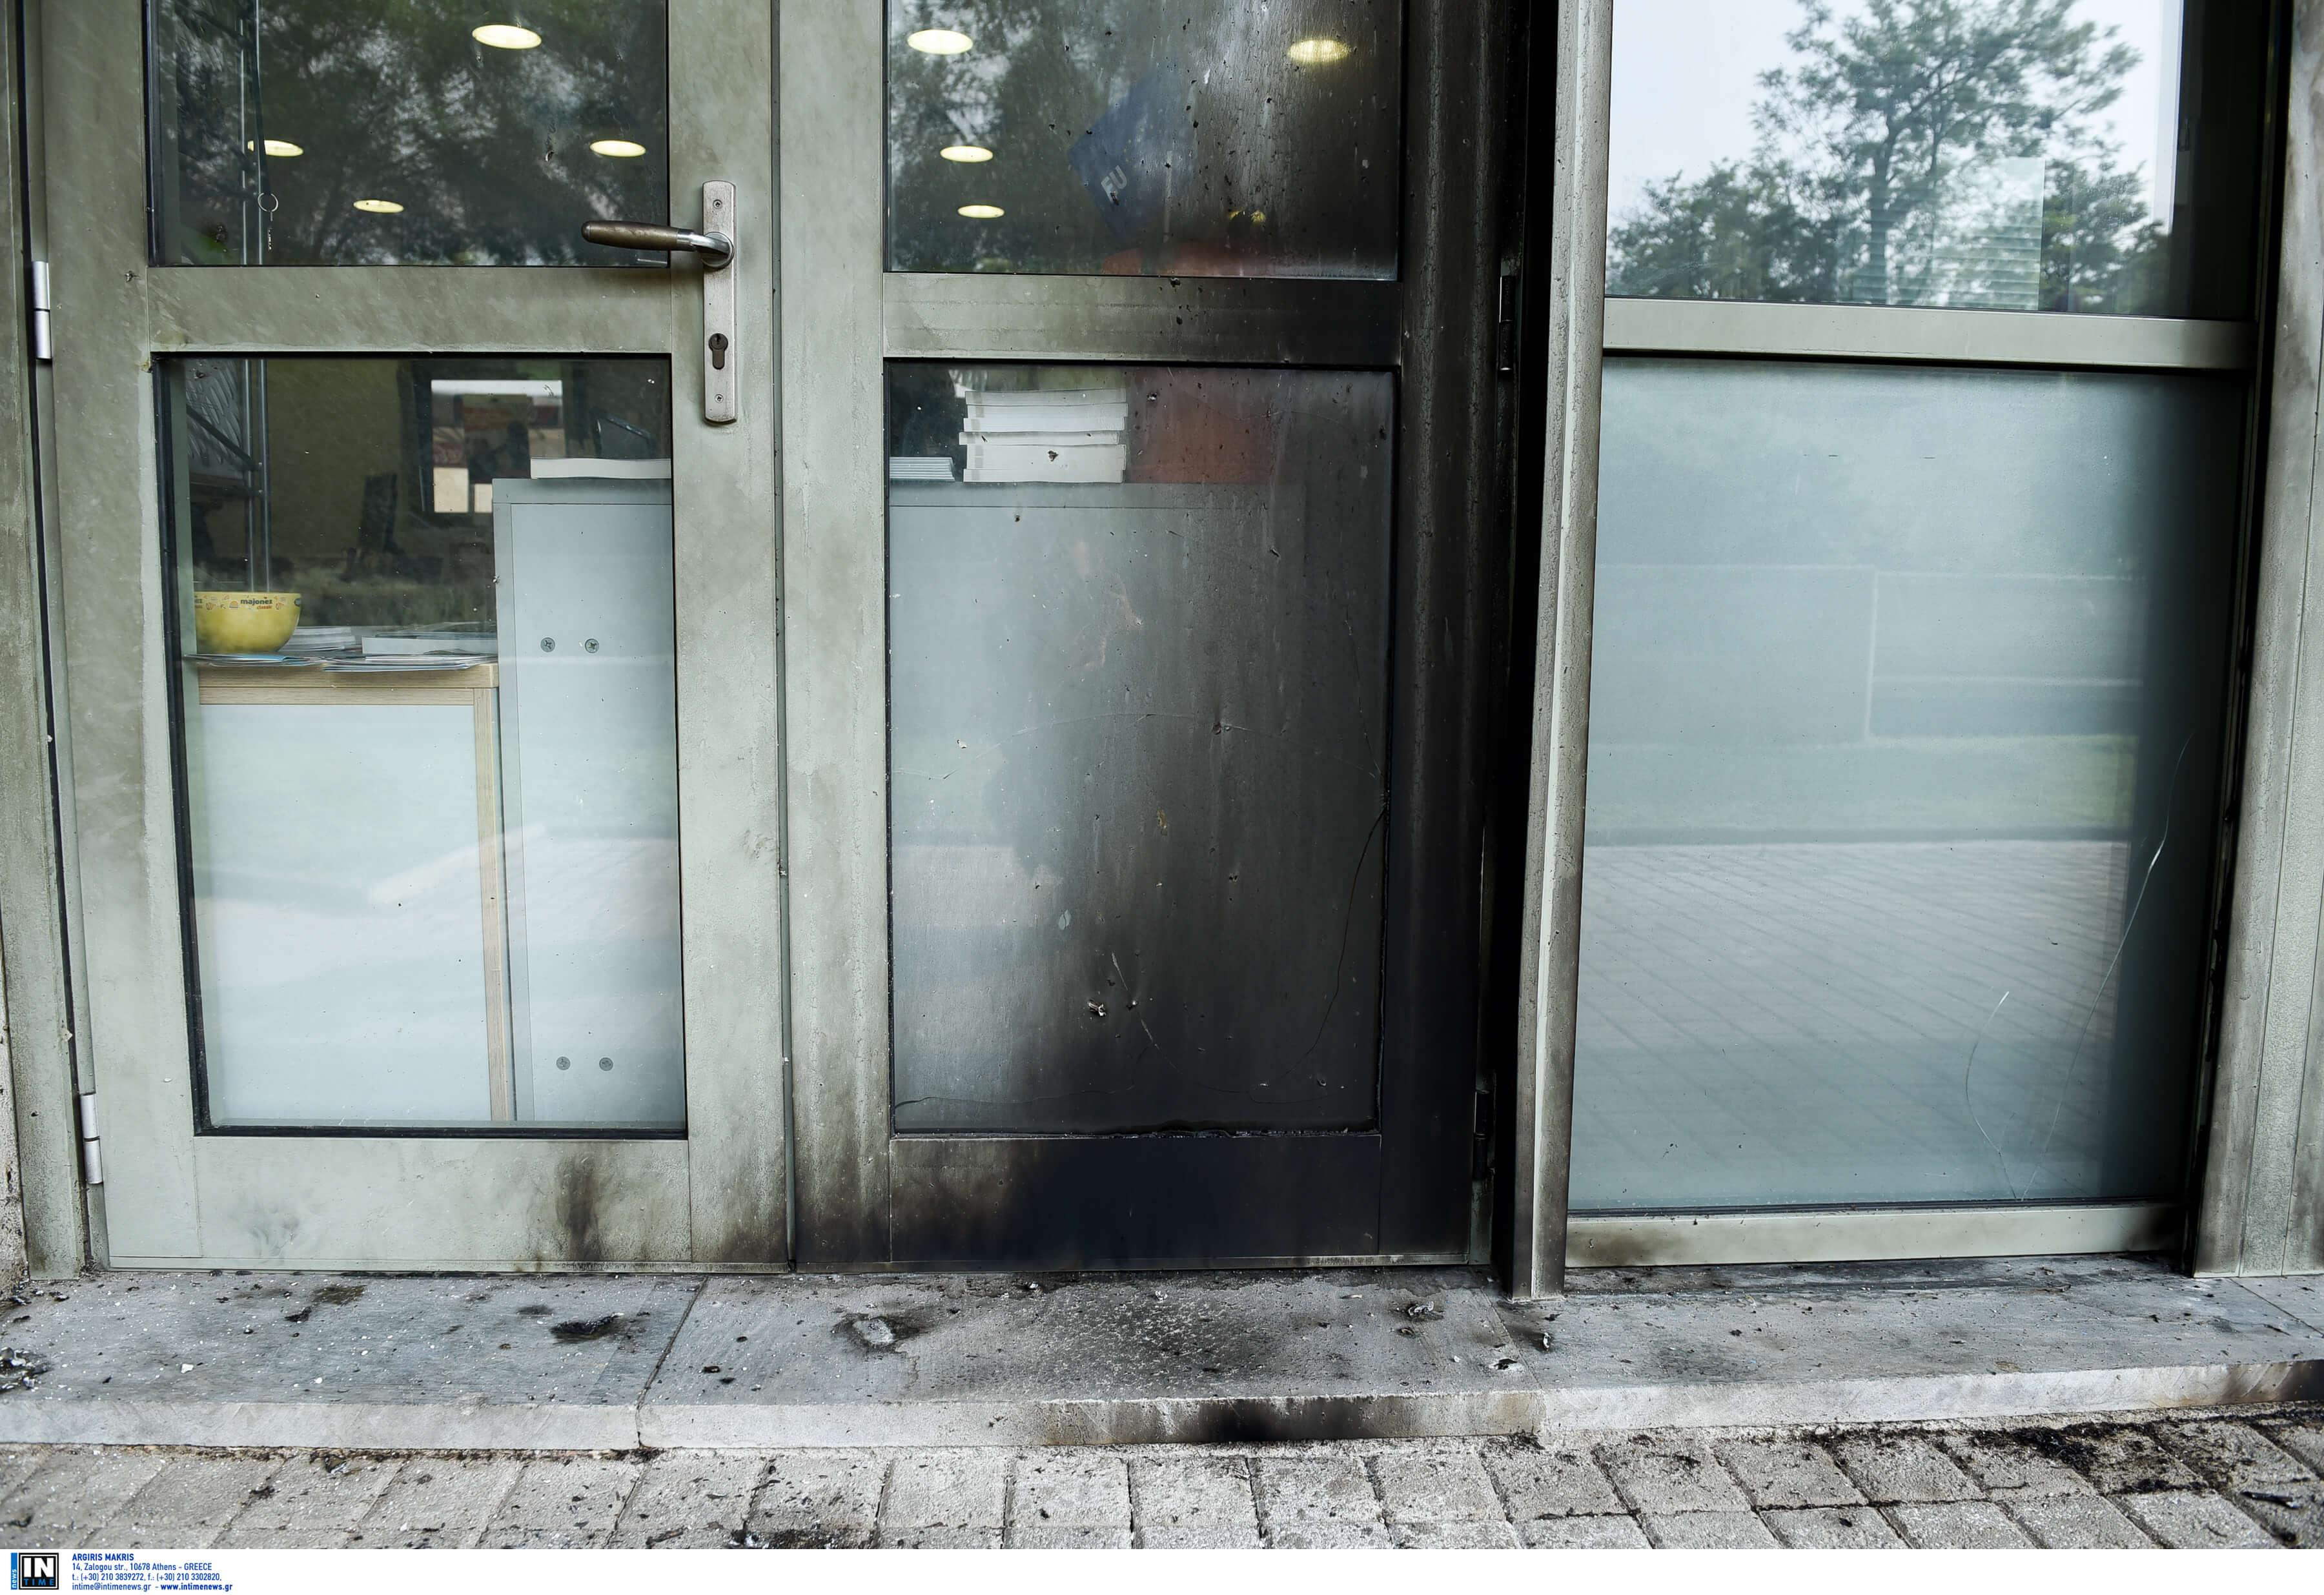 Θεσσαλονίκη: Έσκασε γκαζάκι στην είσοδο του δημαρχιακού μεγάρου – Αυτοψία στο σημείο [pics]